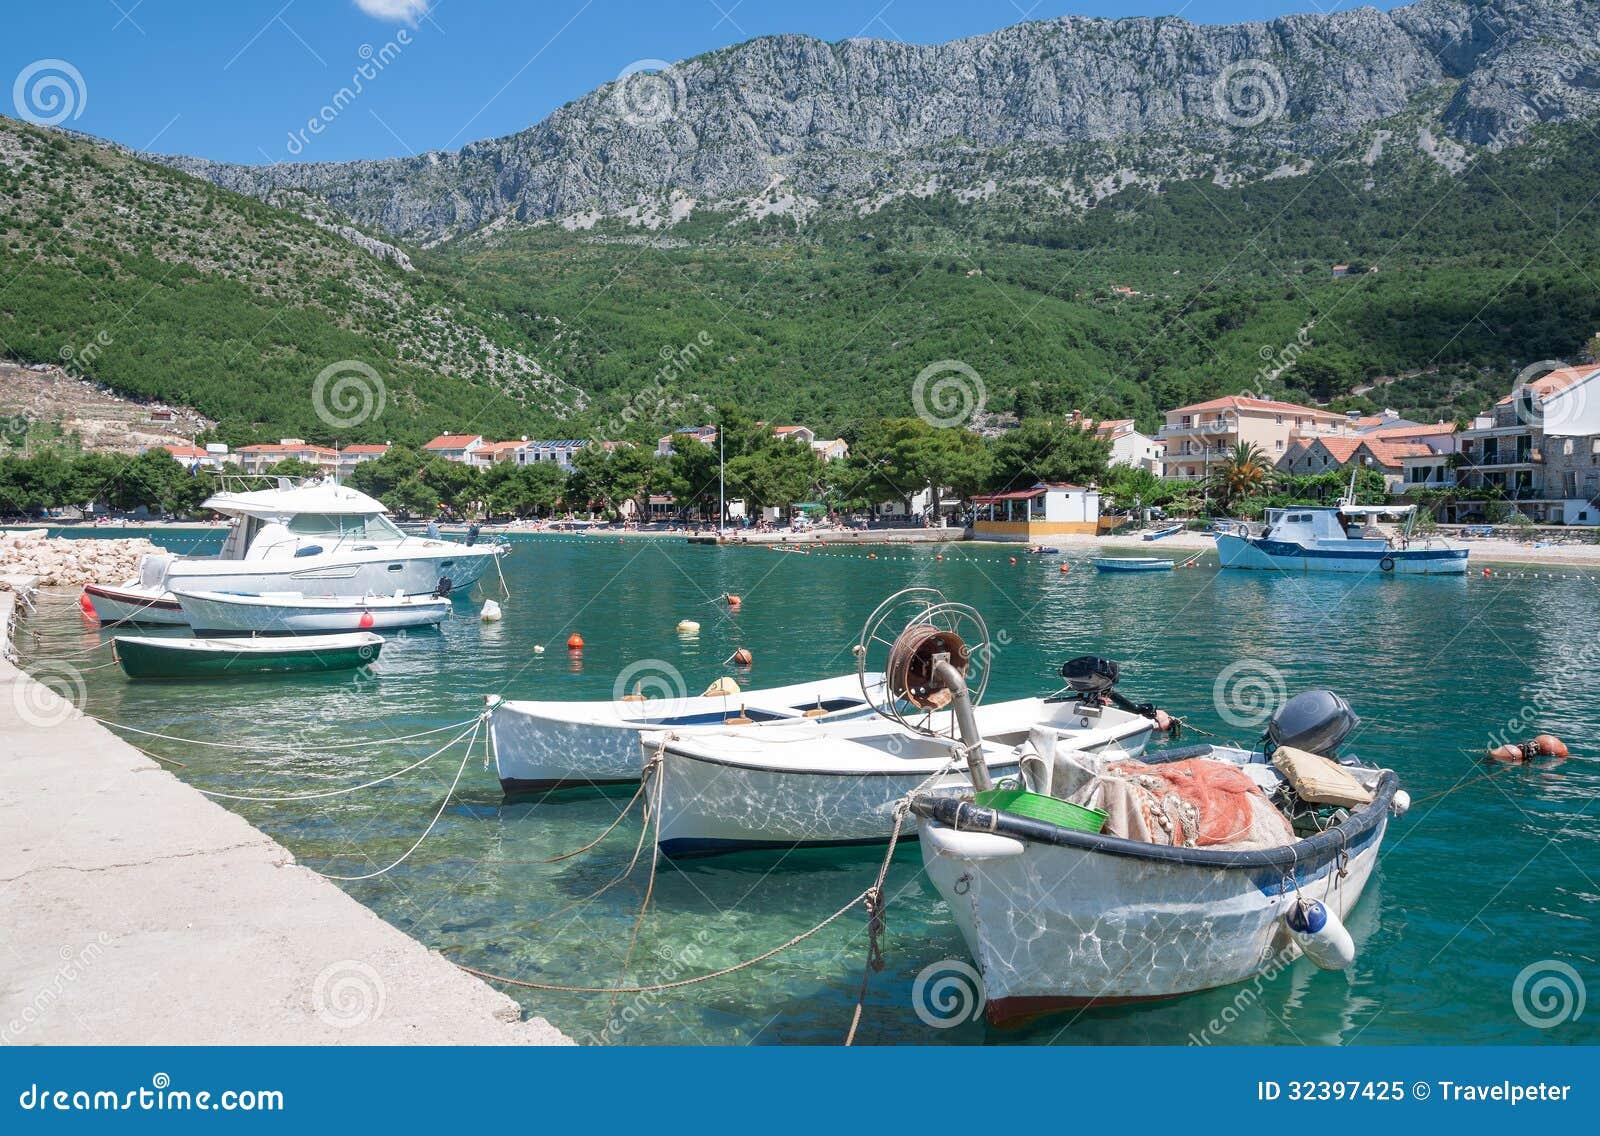 Drvenik, Makarska Riviera, Dalmatië, Kroatië